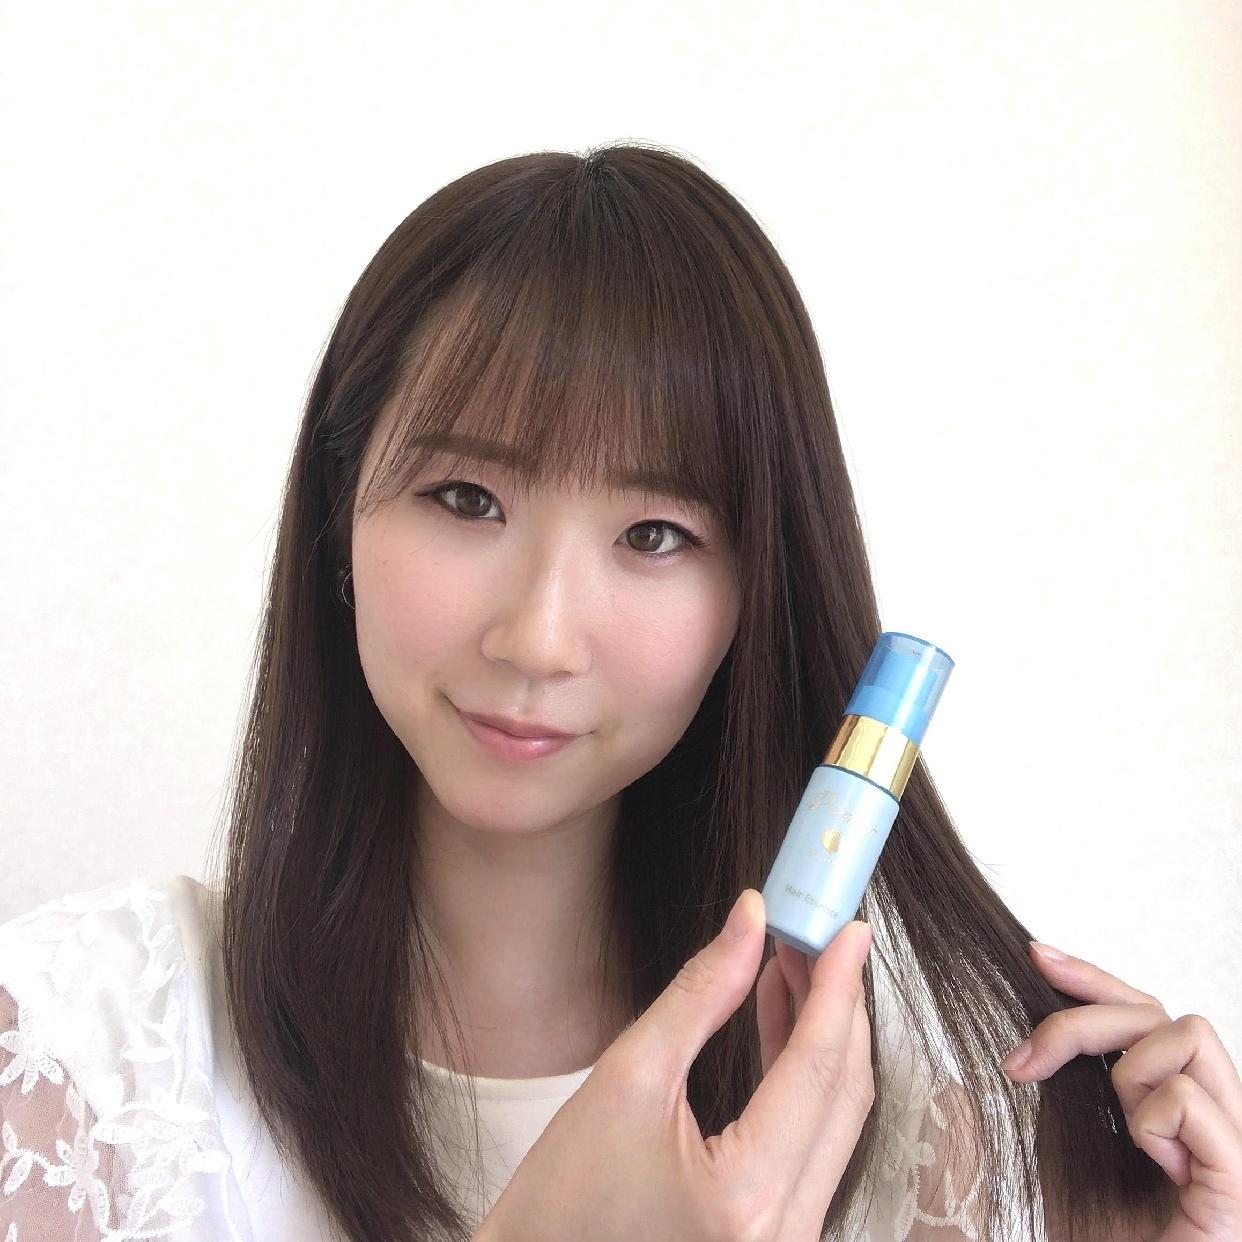 上田 麻里さんのクチコミ画像1